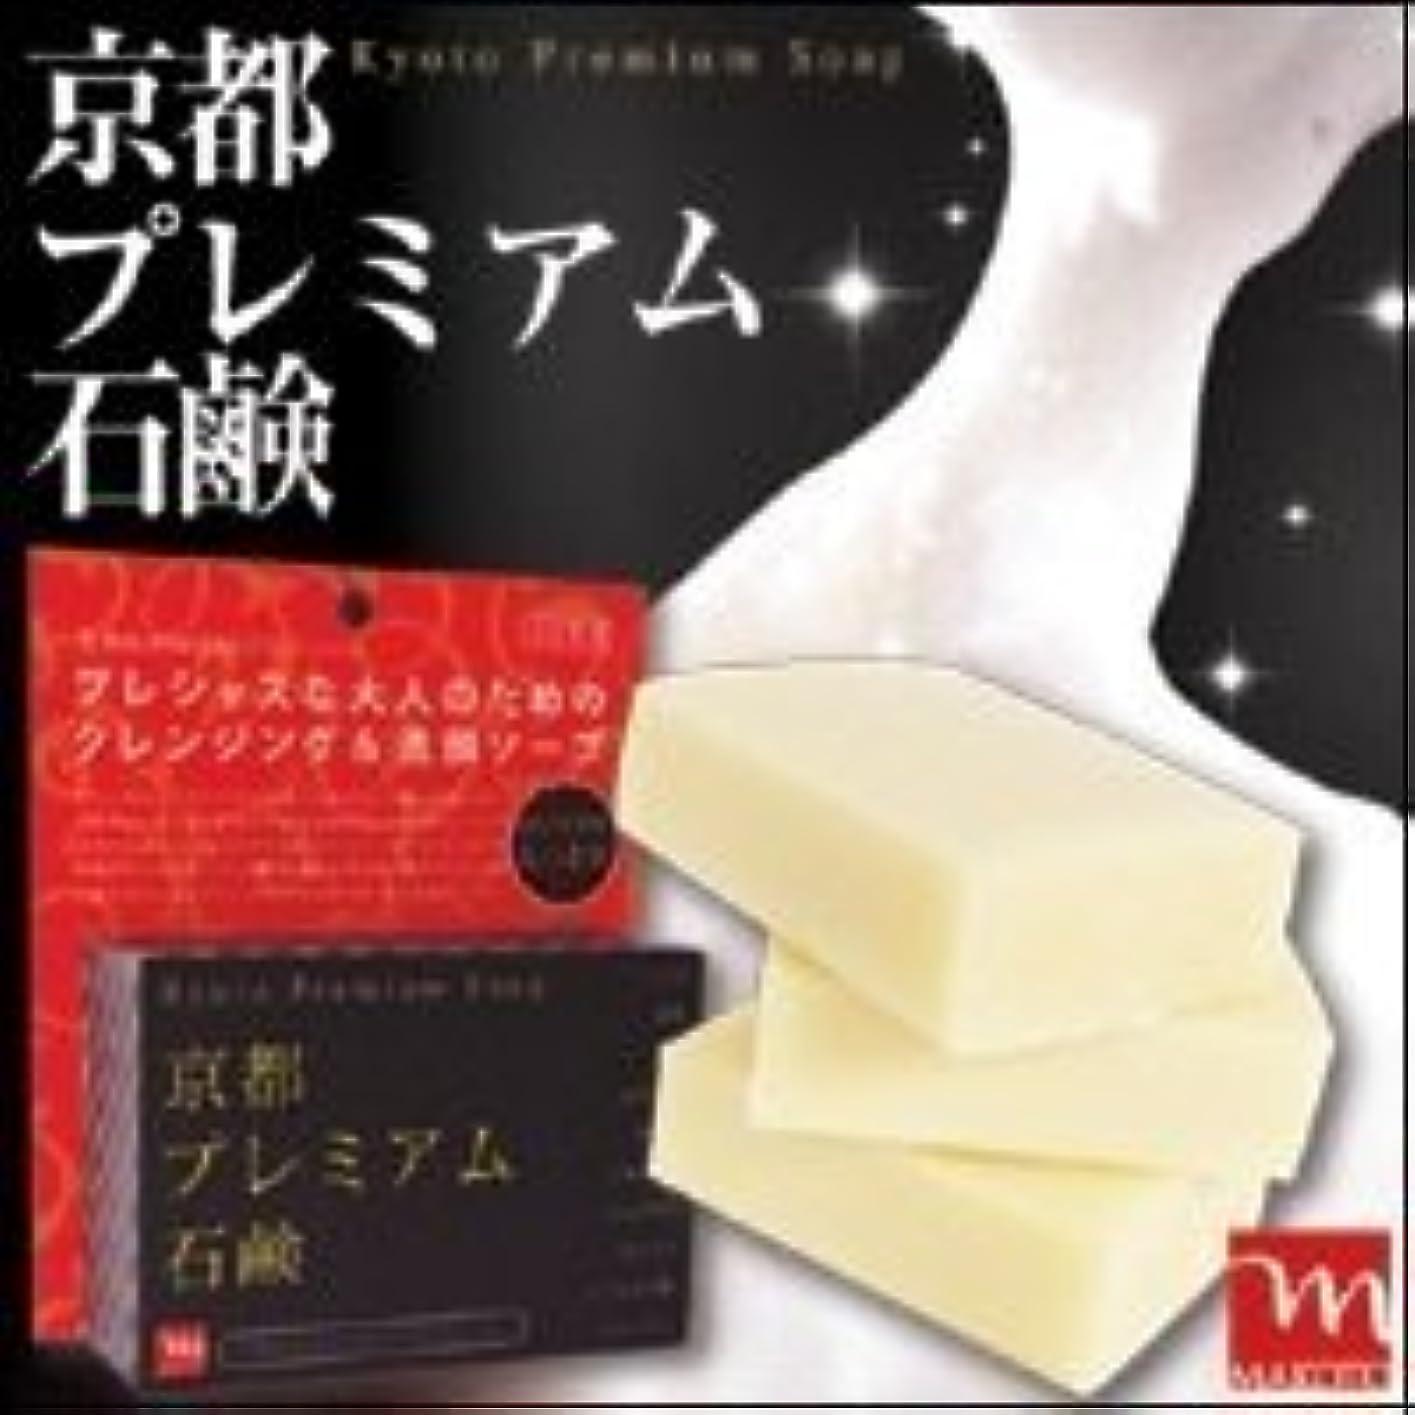 ラメ味付け紀元前京都プレミアム 京都プレミアム石鹸 120g 3個セット